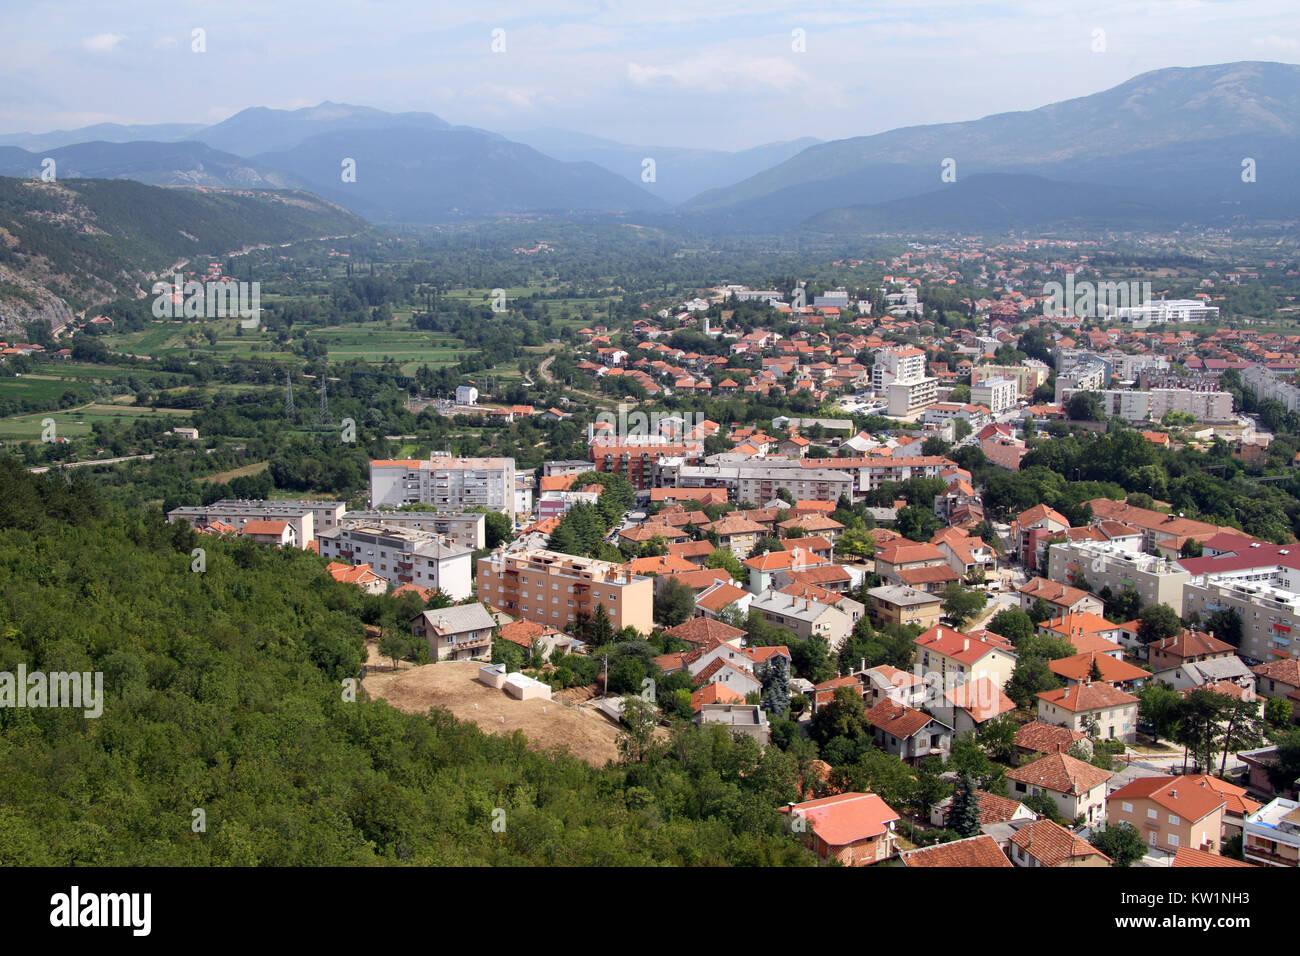 Blick von der Festung auf die Stadt Knin, Kroatien Stockbild